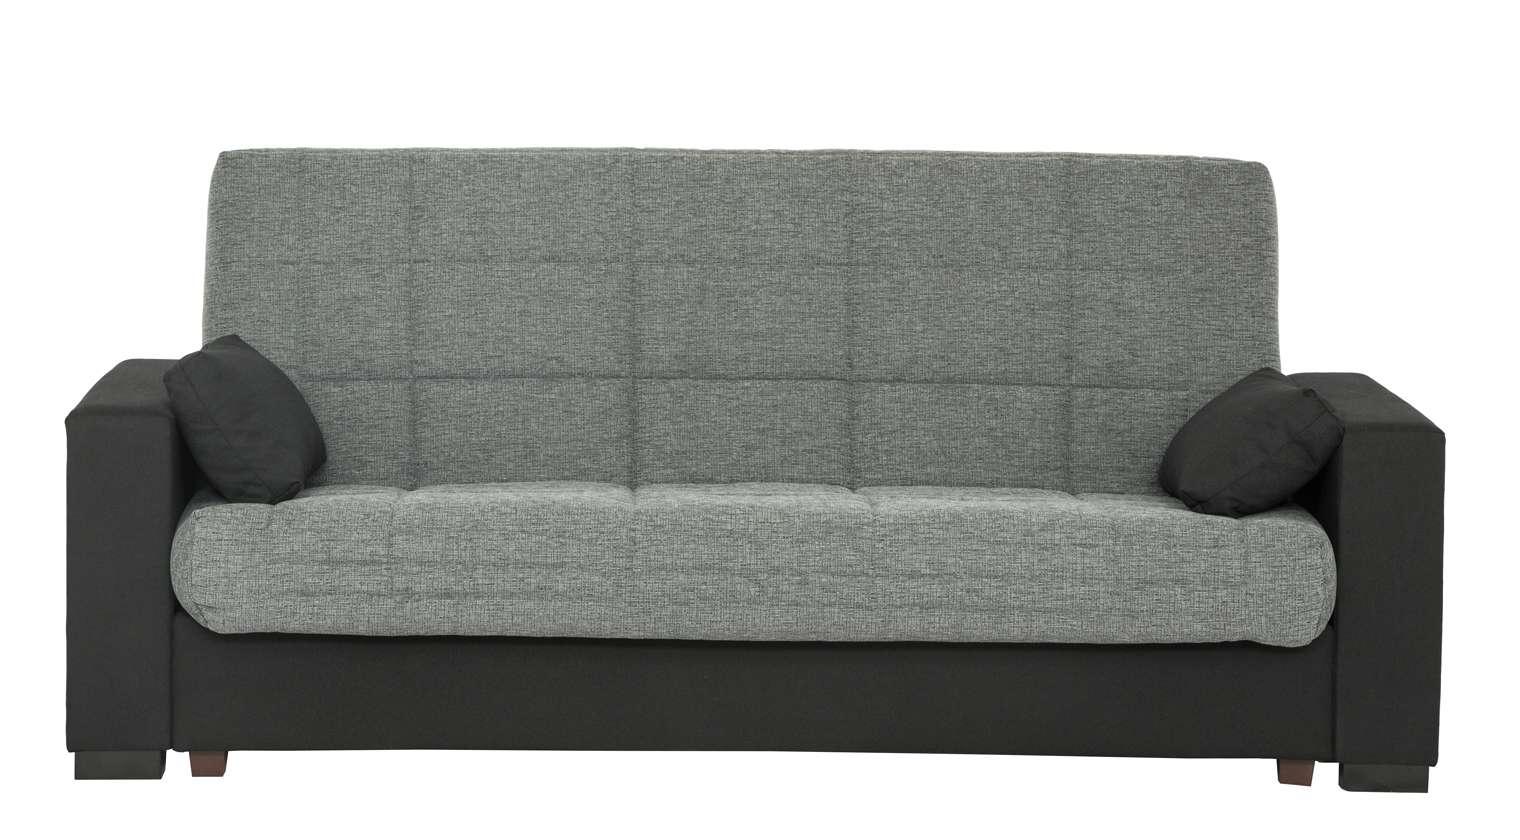 Comprar sof cama daviu sof cama de 135 x 190 arc n - Sofa cama 135 ...